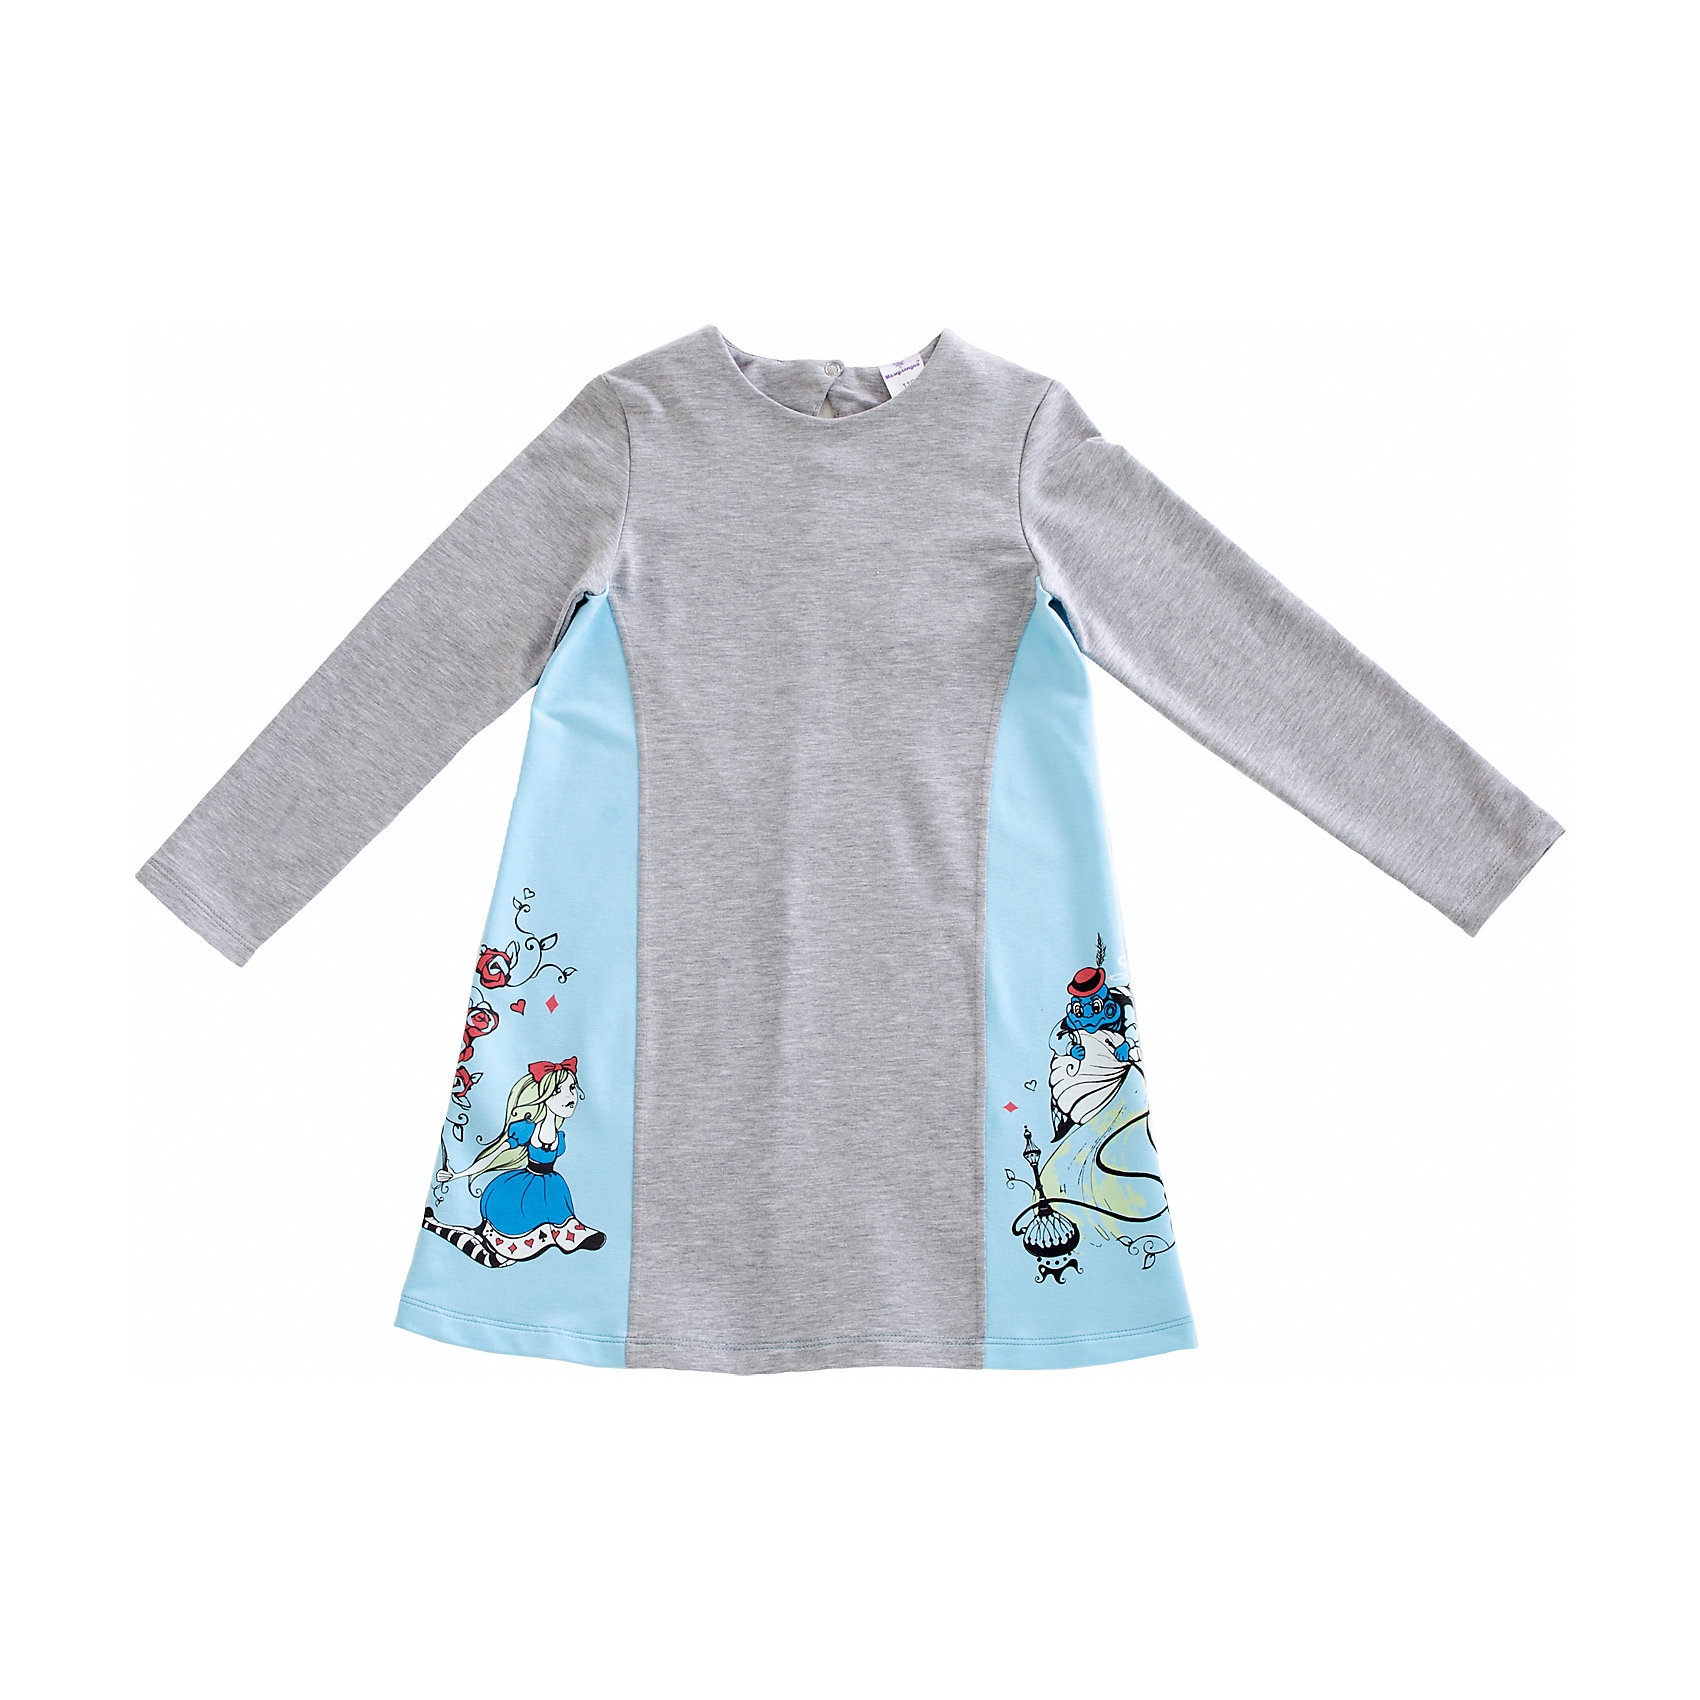 Платье для девочки МамуляндияПлатье для девочки Мамуляндия<br>Платье с длинным рукавом для девочки из дизайнерской коллекции Алиса.<br>Изготовлено трикотажного полотна высшего качества (футер).<br>Гипоаллергенный принт на водной основе, застёжка на спинке на кнопку из гипоаллергенного сплава без содержания никеля. <br><br>Состав 100% хлопок (футер). <br>Рекомендации по уходу: стирать при 40 С, гладить при средней температуре, носить с удовольствием!<br>Состав:<br>100% хлопок<br><br>Ширина мм: 236<br>Глубина мм: 16<br>Высота мм: 184<br>Вес г: 177<br>Цвет: голубой<br>Возраст от месяцев: 72<br>Возраст до месяцев: 84<br>Пол: Женский<br>Возраст: Детский<br>Размер: 122,92,98,104,110,116<br>SKU: 5513831